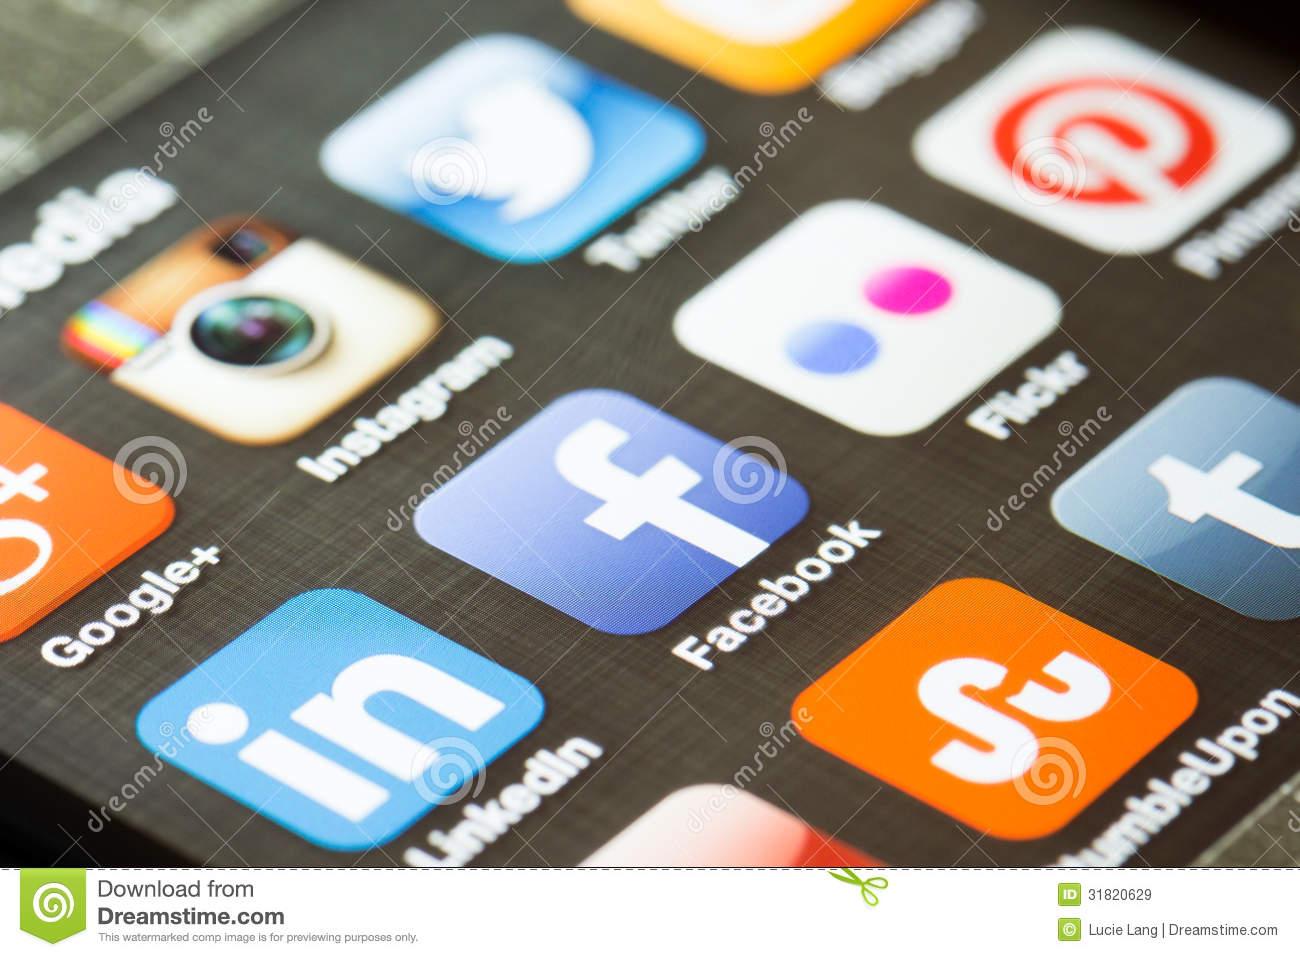 Social Media Icons On a Phone App